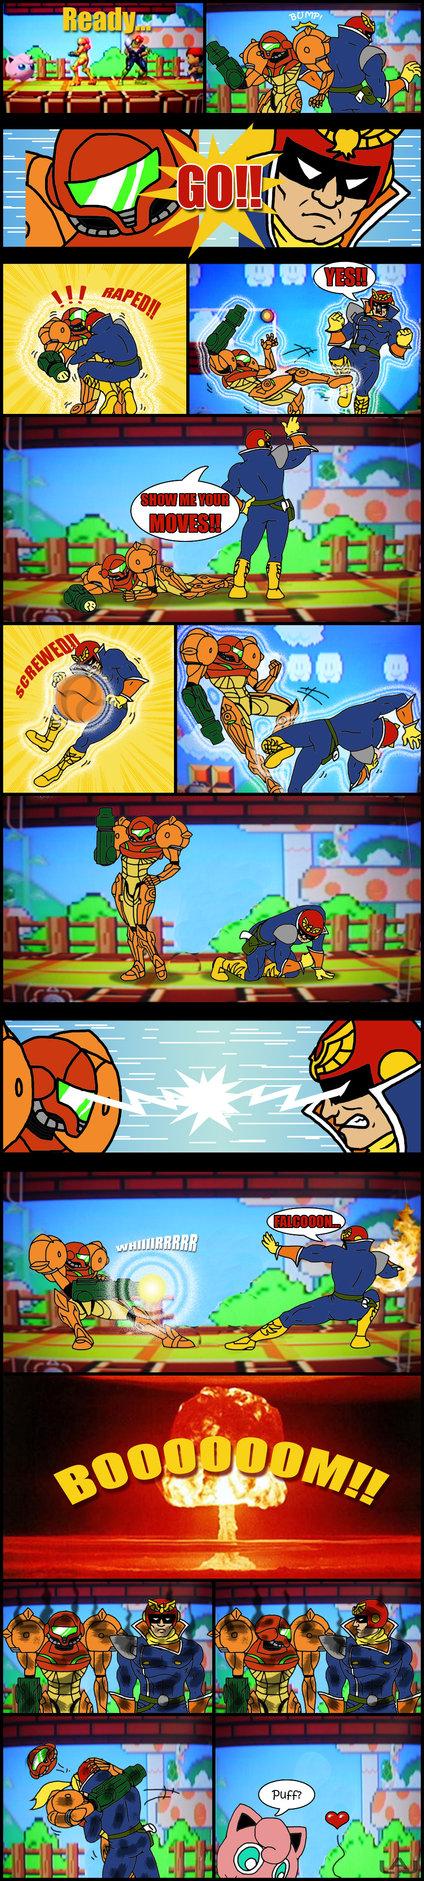 Samus vs Captain Falcon   Super Smash bro.   Super smash ...